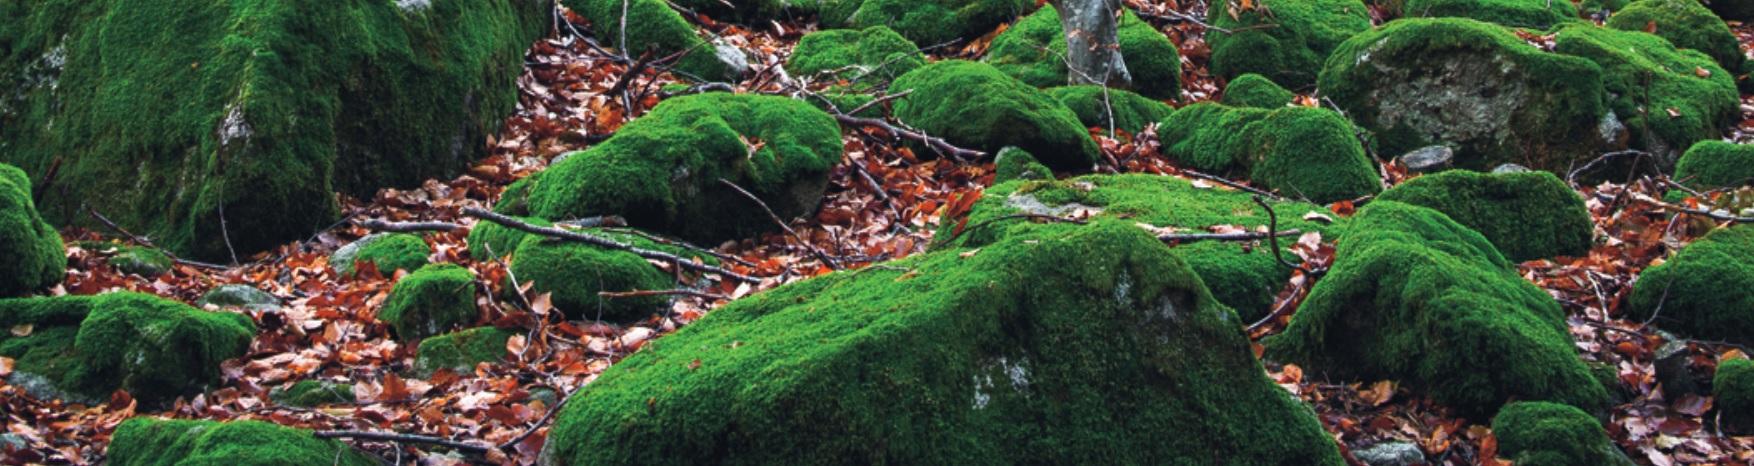 Arredo Green: il verde verticale del Design e del Benessere